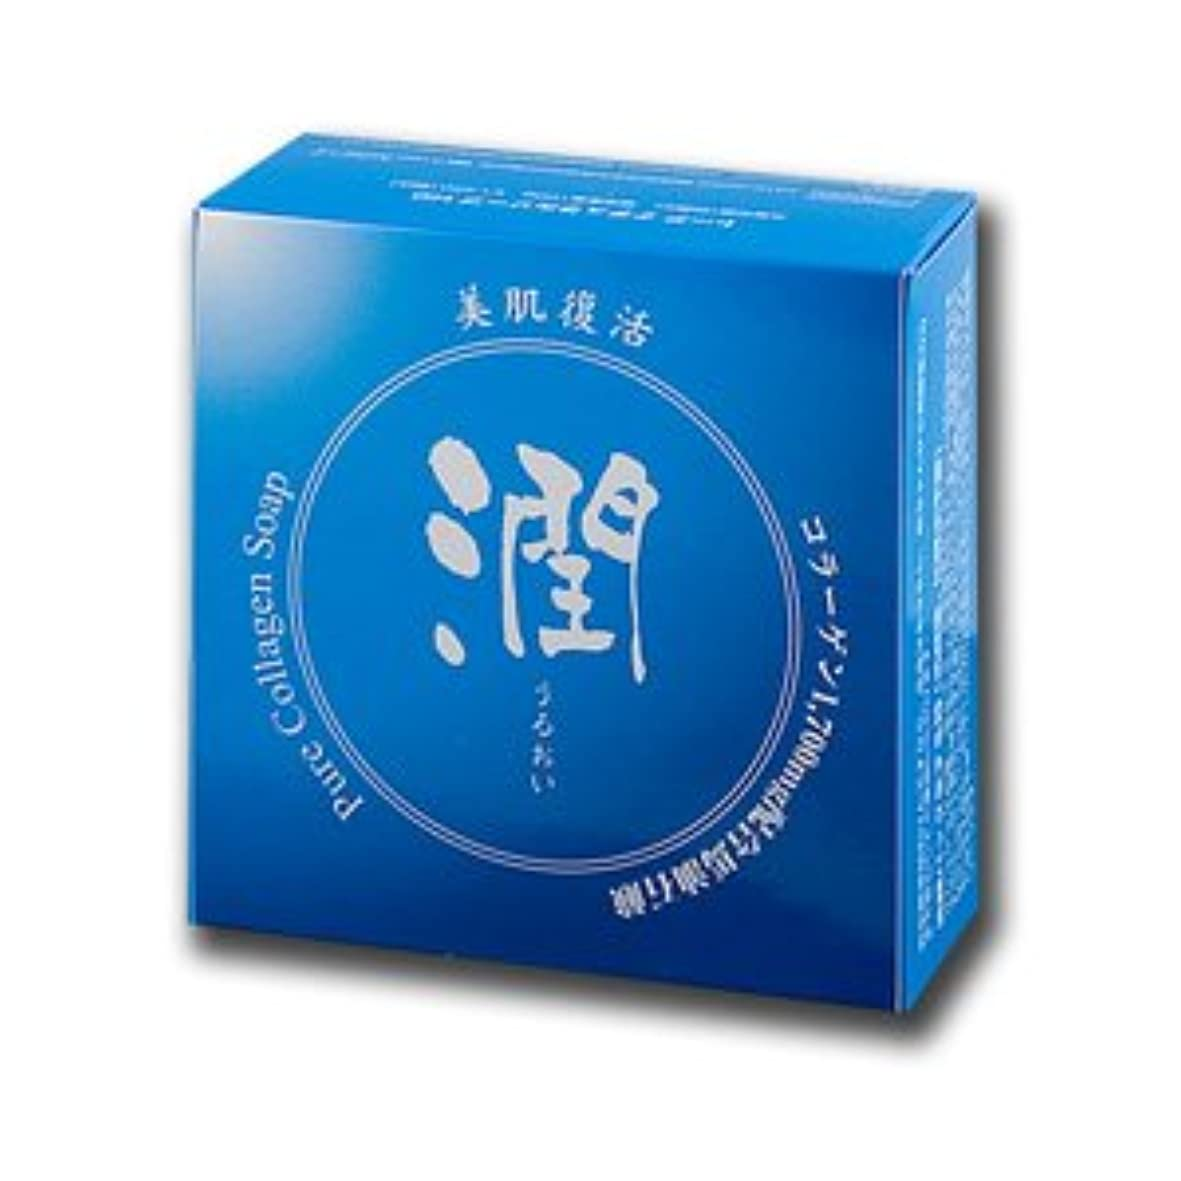 陪審フェンス増加するコラーゲン馬油石鹸 潤 100g (#800410) ×6個セット